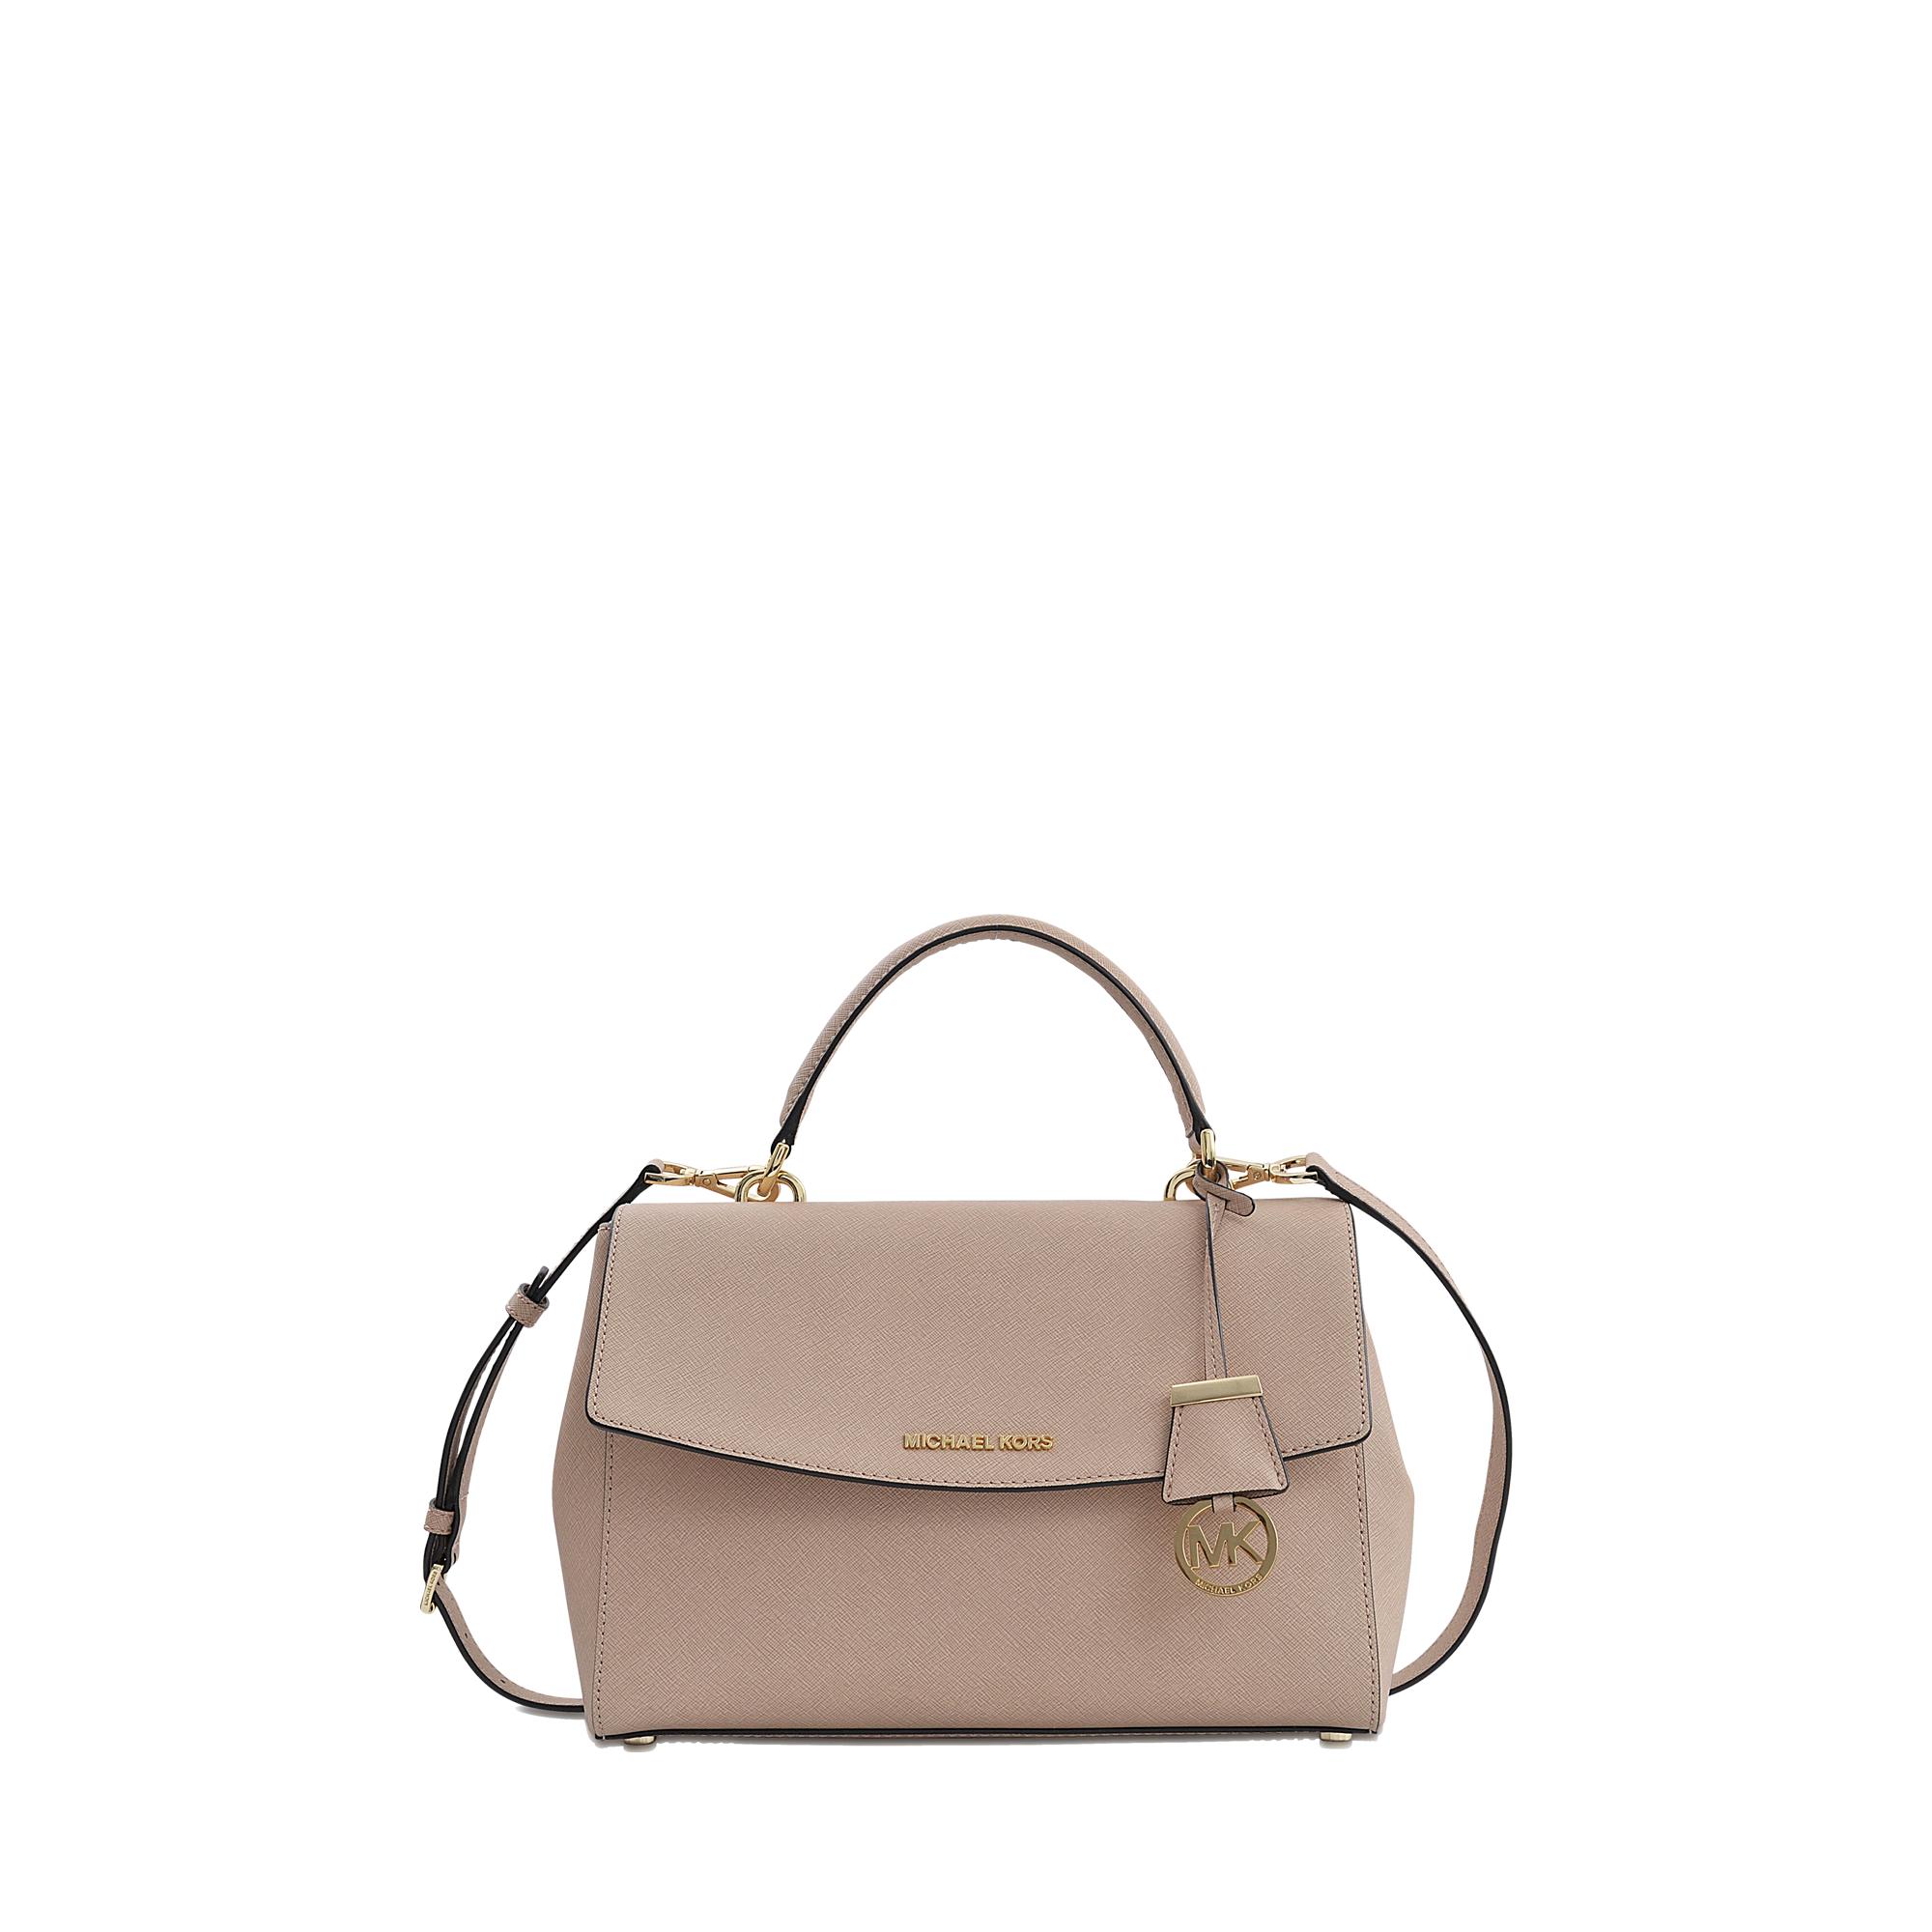 9f298b9c6618 ... saffiano leather top handle satchel bag 96b5c 392af cheapest lyst michael  michael kors ava medium satchel 18k bag in natural e4dfa b707a ...